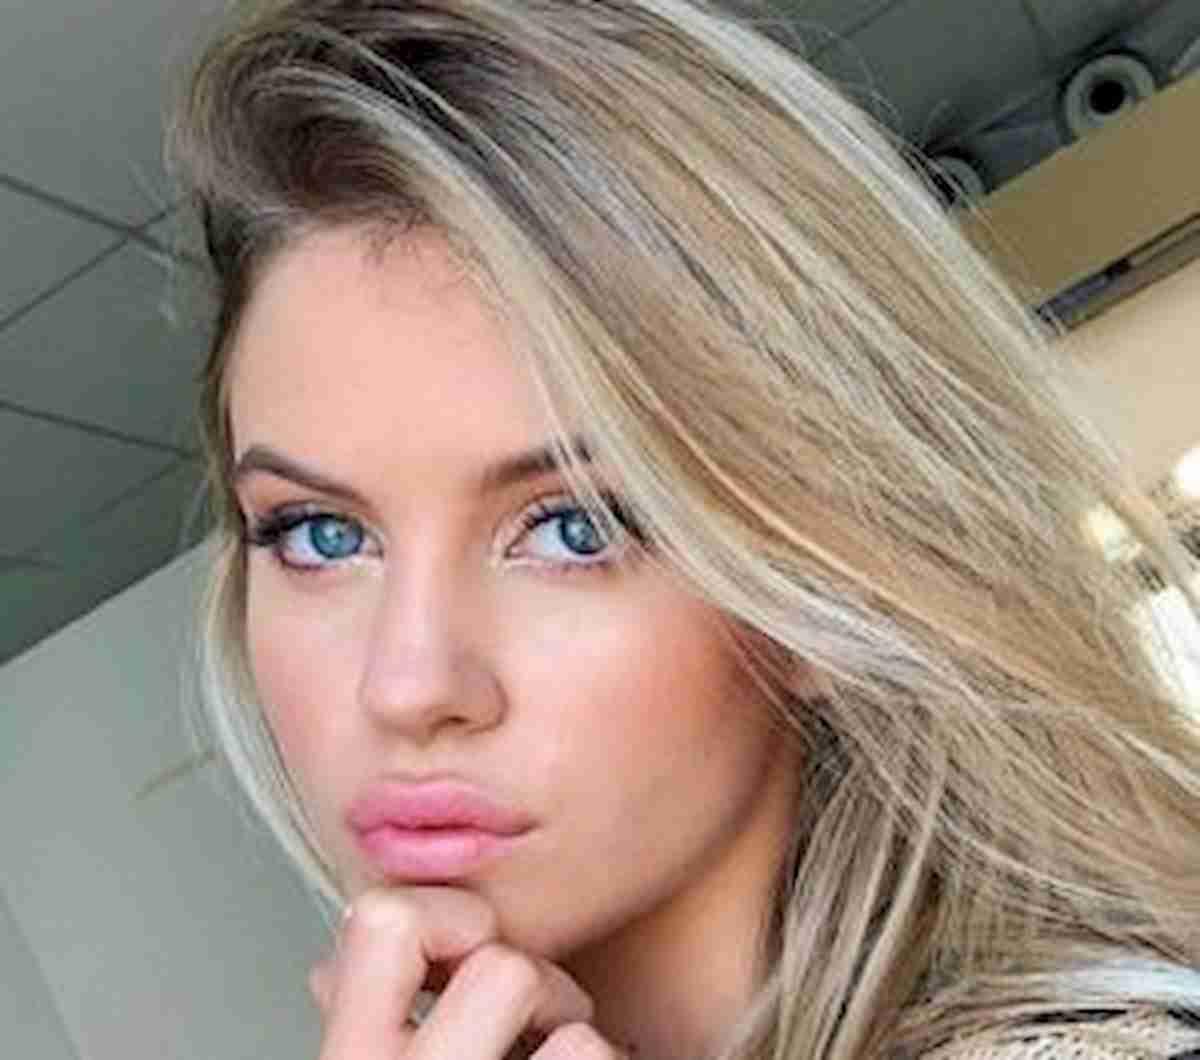 Sara Croce Gianmarco Fiory possibile nuova coppia, in passato Cristiano Ronaldo...